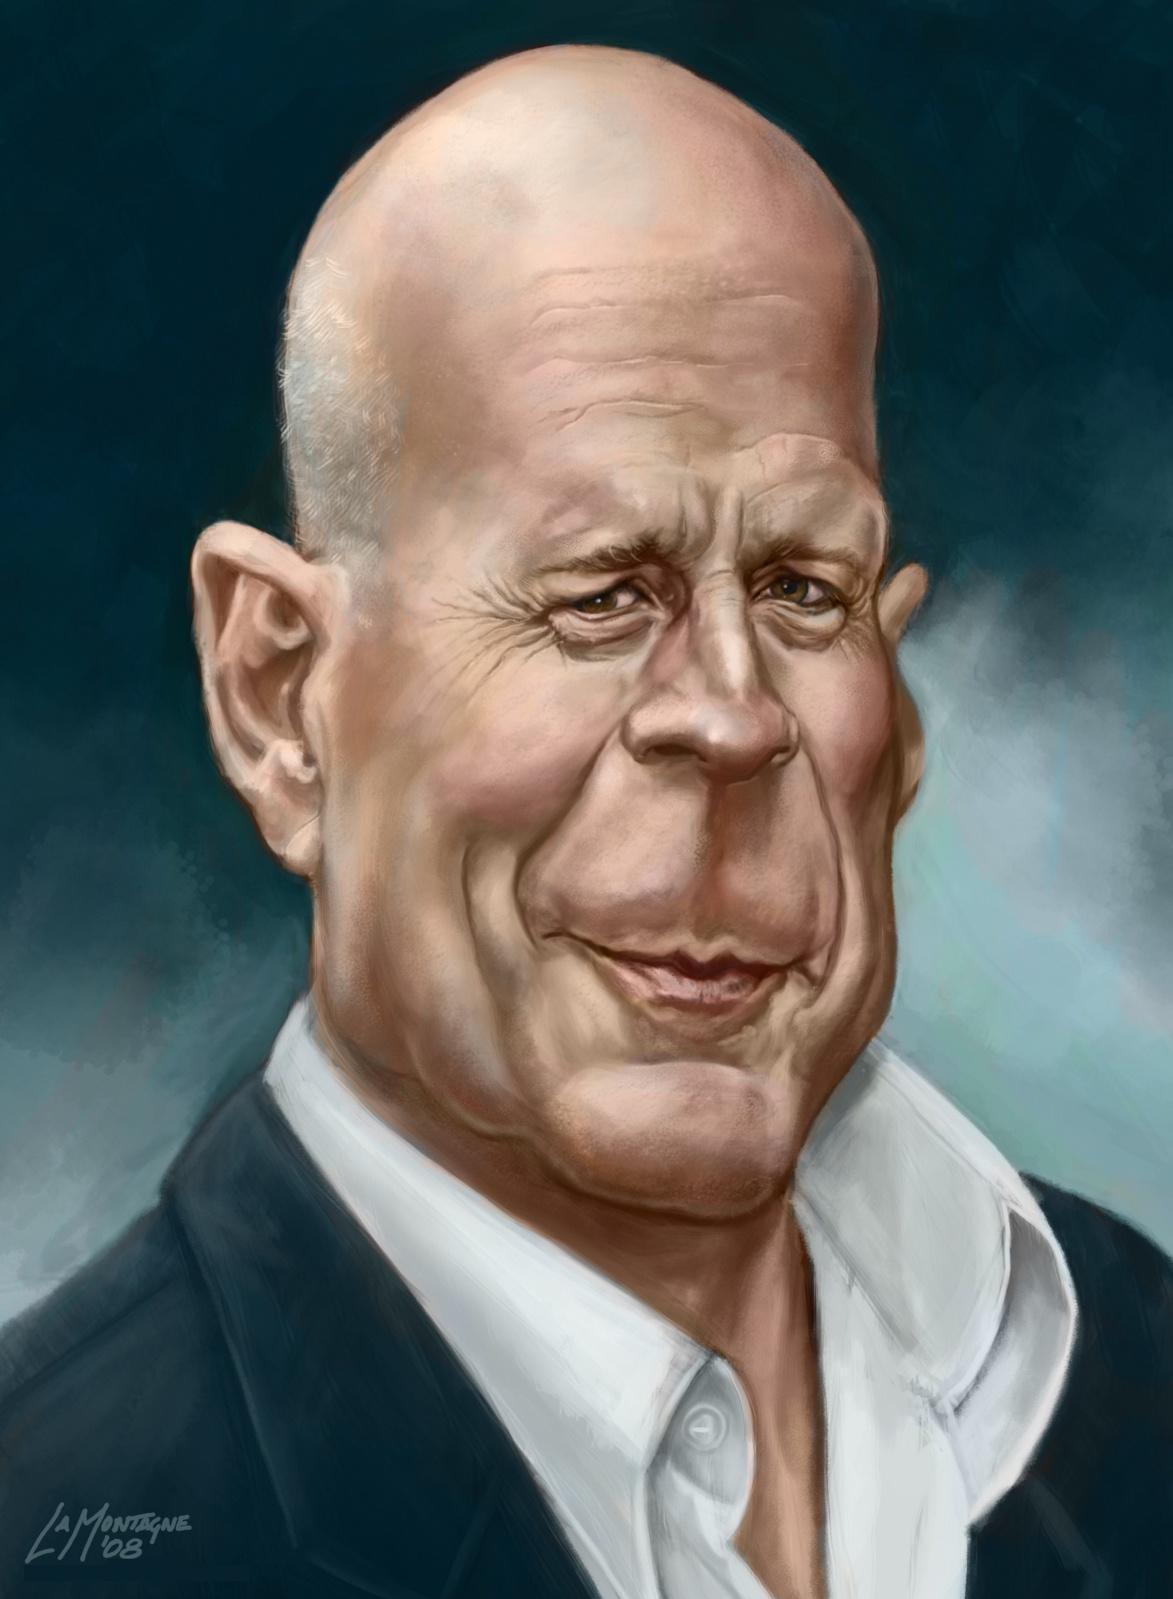 http://3.bp.blogspot.com/-C1EaqHL1XQg/UD8OO3qcI_I/AAAAAAAABE8/e1amOoDTUMc/s1600/caricaturas+de+famosos.bruce+willis.jpg